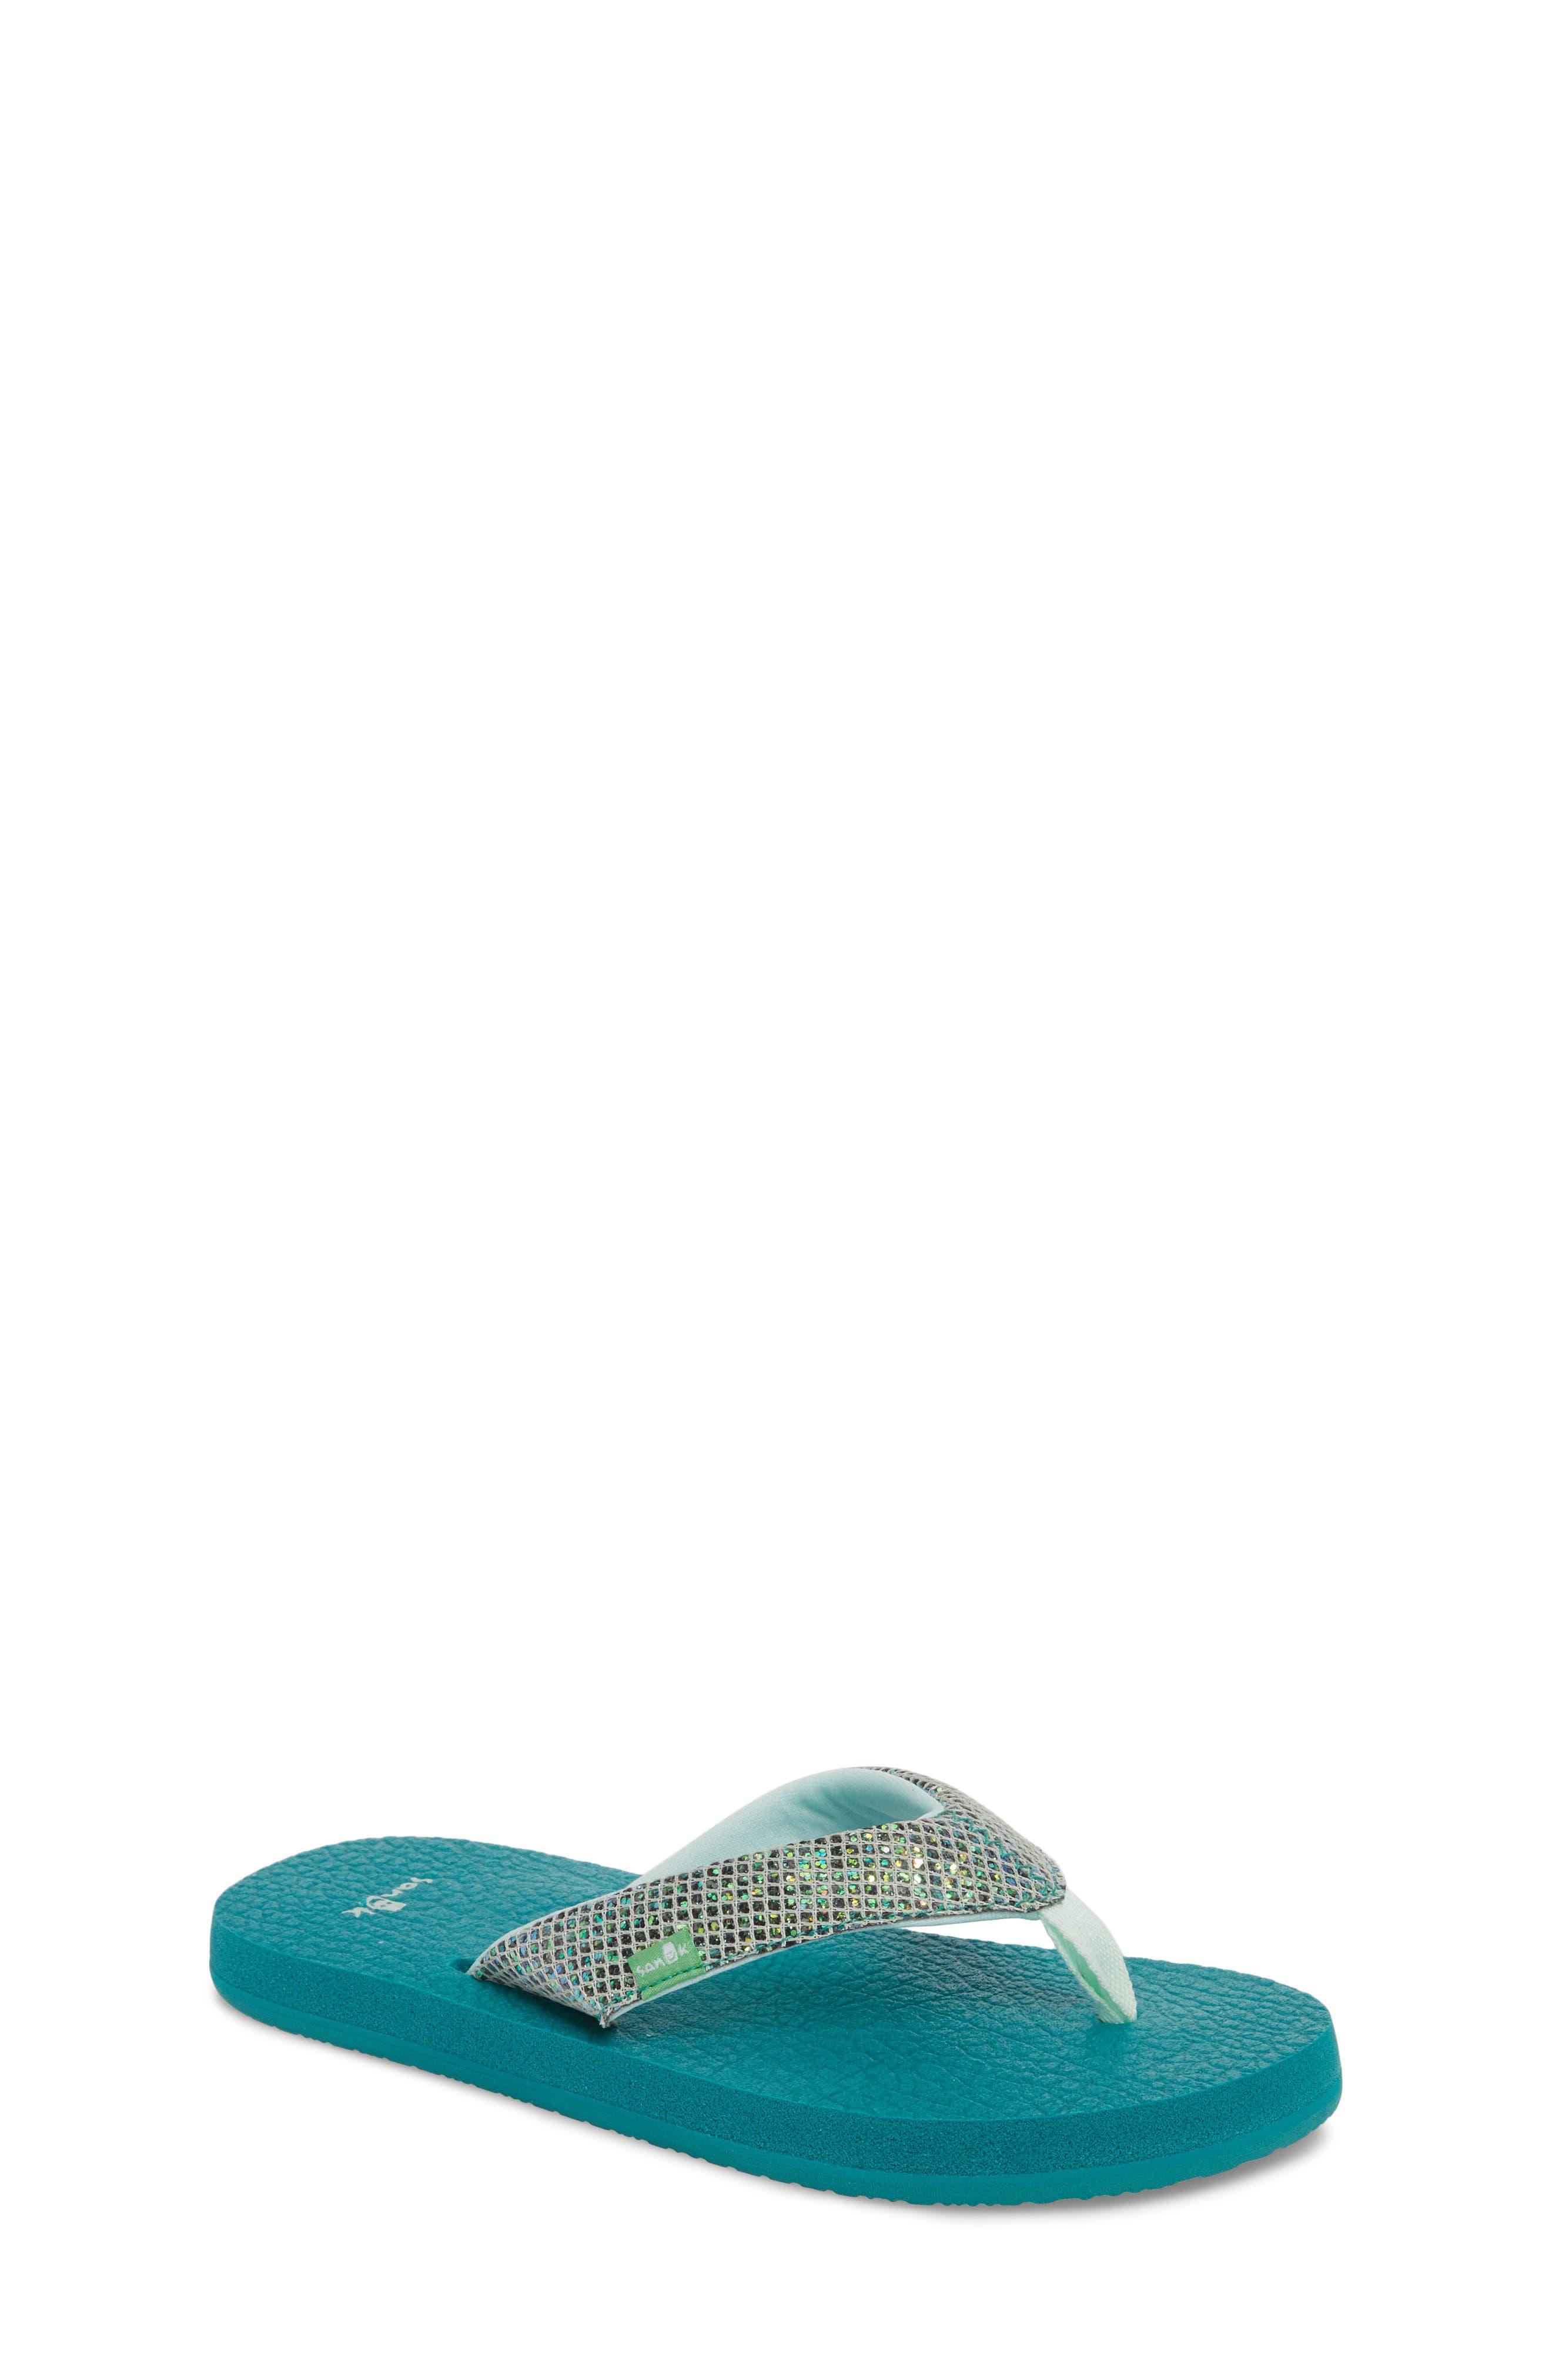 SANUK, 'Yoga' Glitter Sandal, Main thumbnail 1, color, SEA GREEN